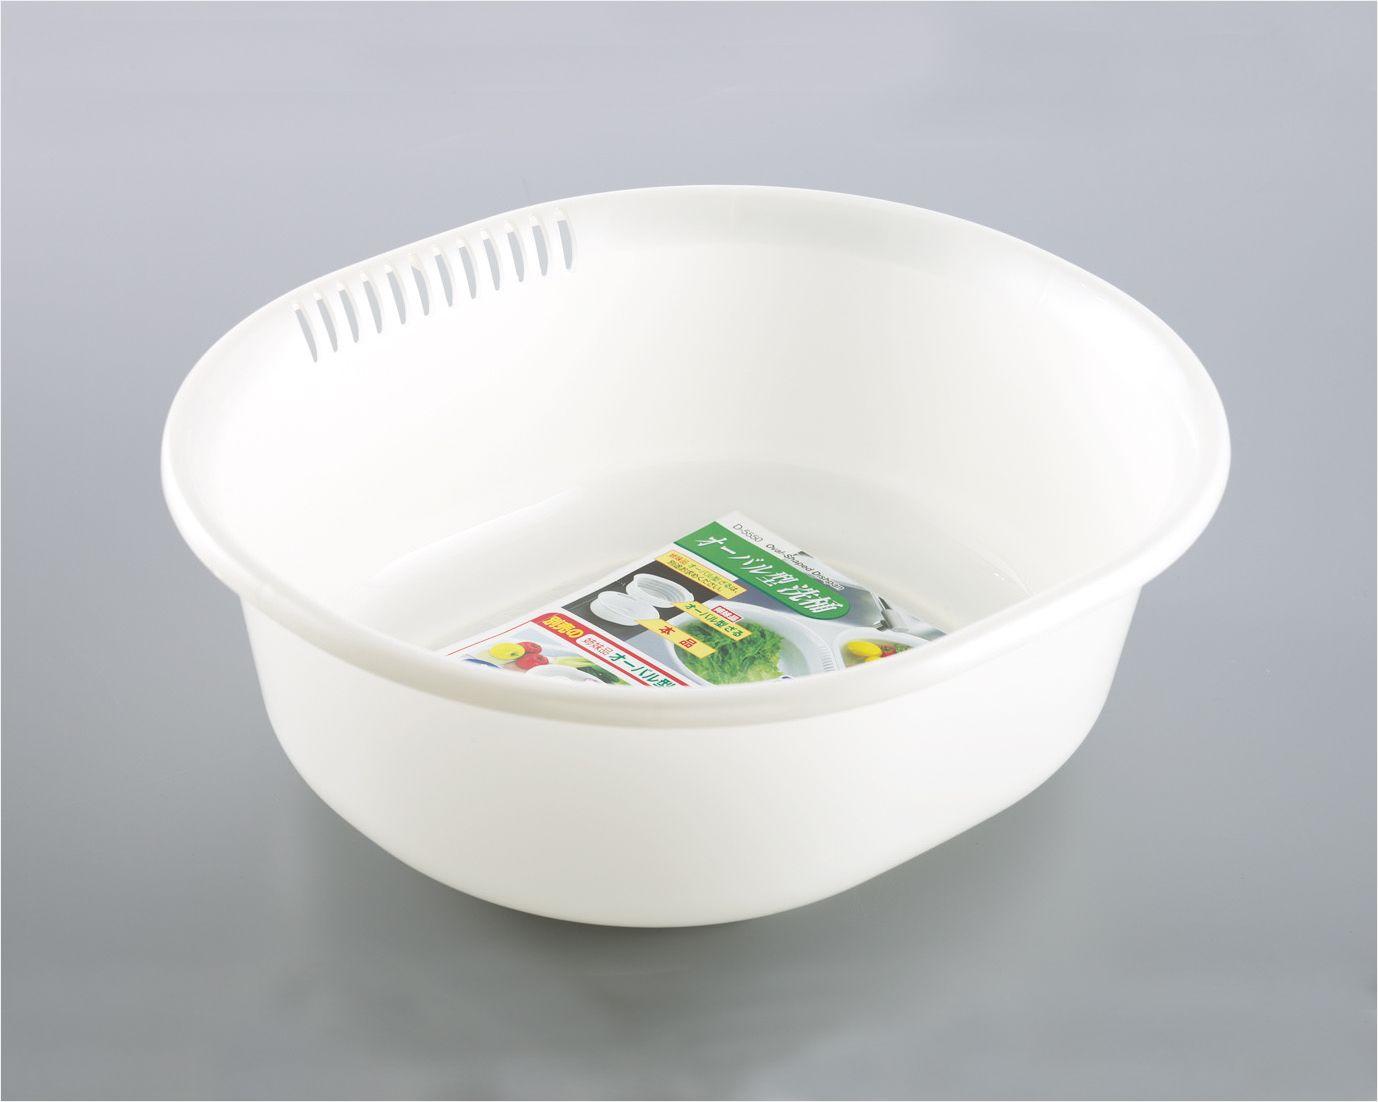 sanada日本多用途塑料盆 5.3L